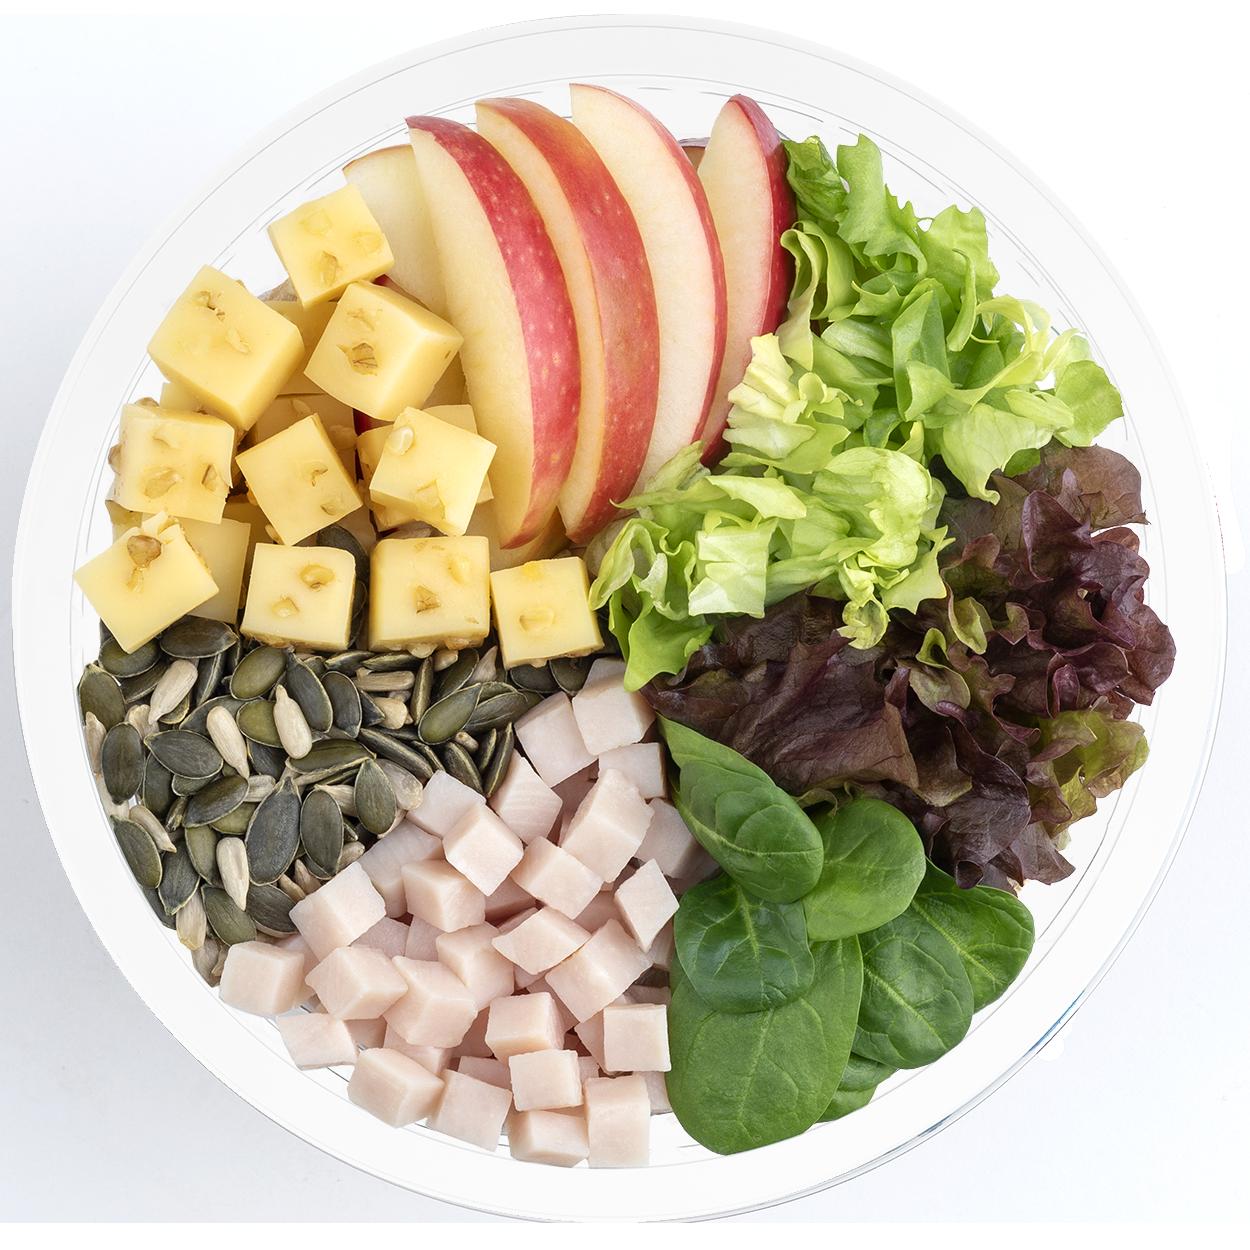 Ensalada completa con manzana, pavo, escarola lisa, espinaca, brote lollo rojo, pipas de calabaza, semillas de girasol, queso con nueces y vinagreta de albahaca y semillas de amapola